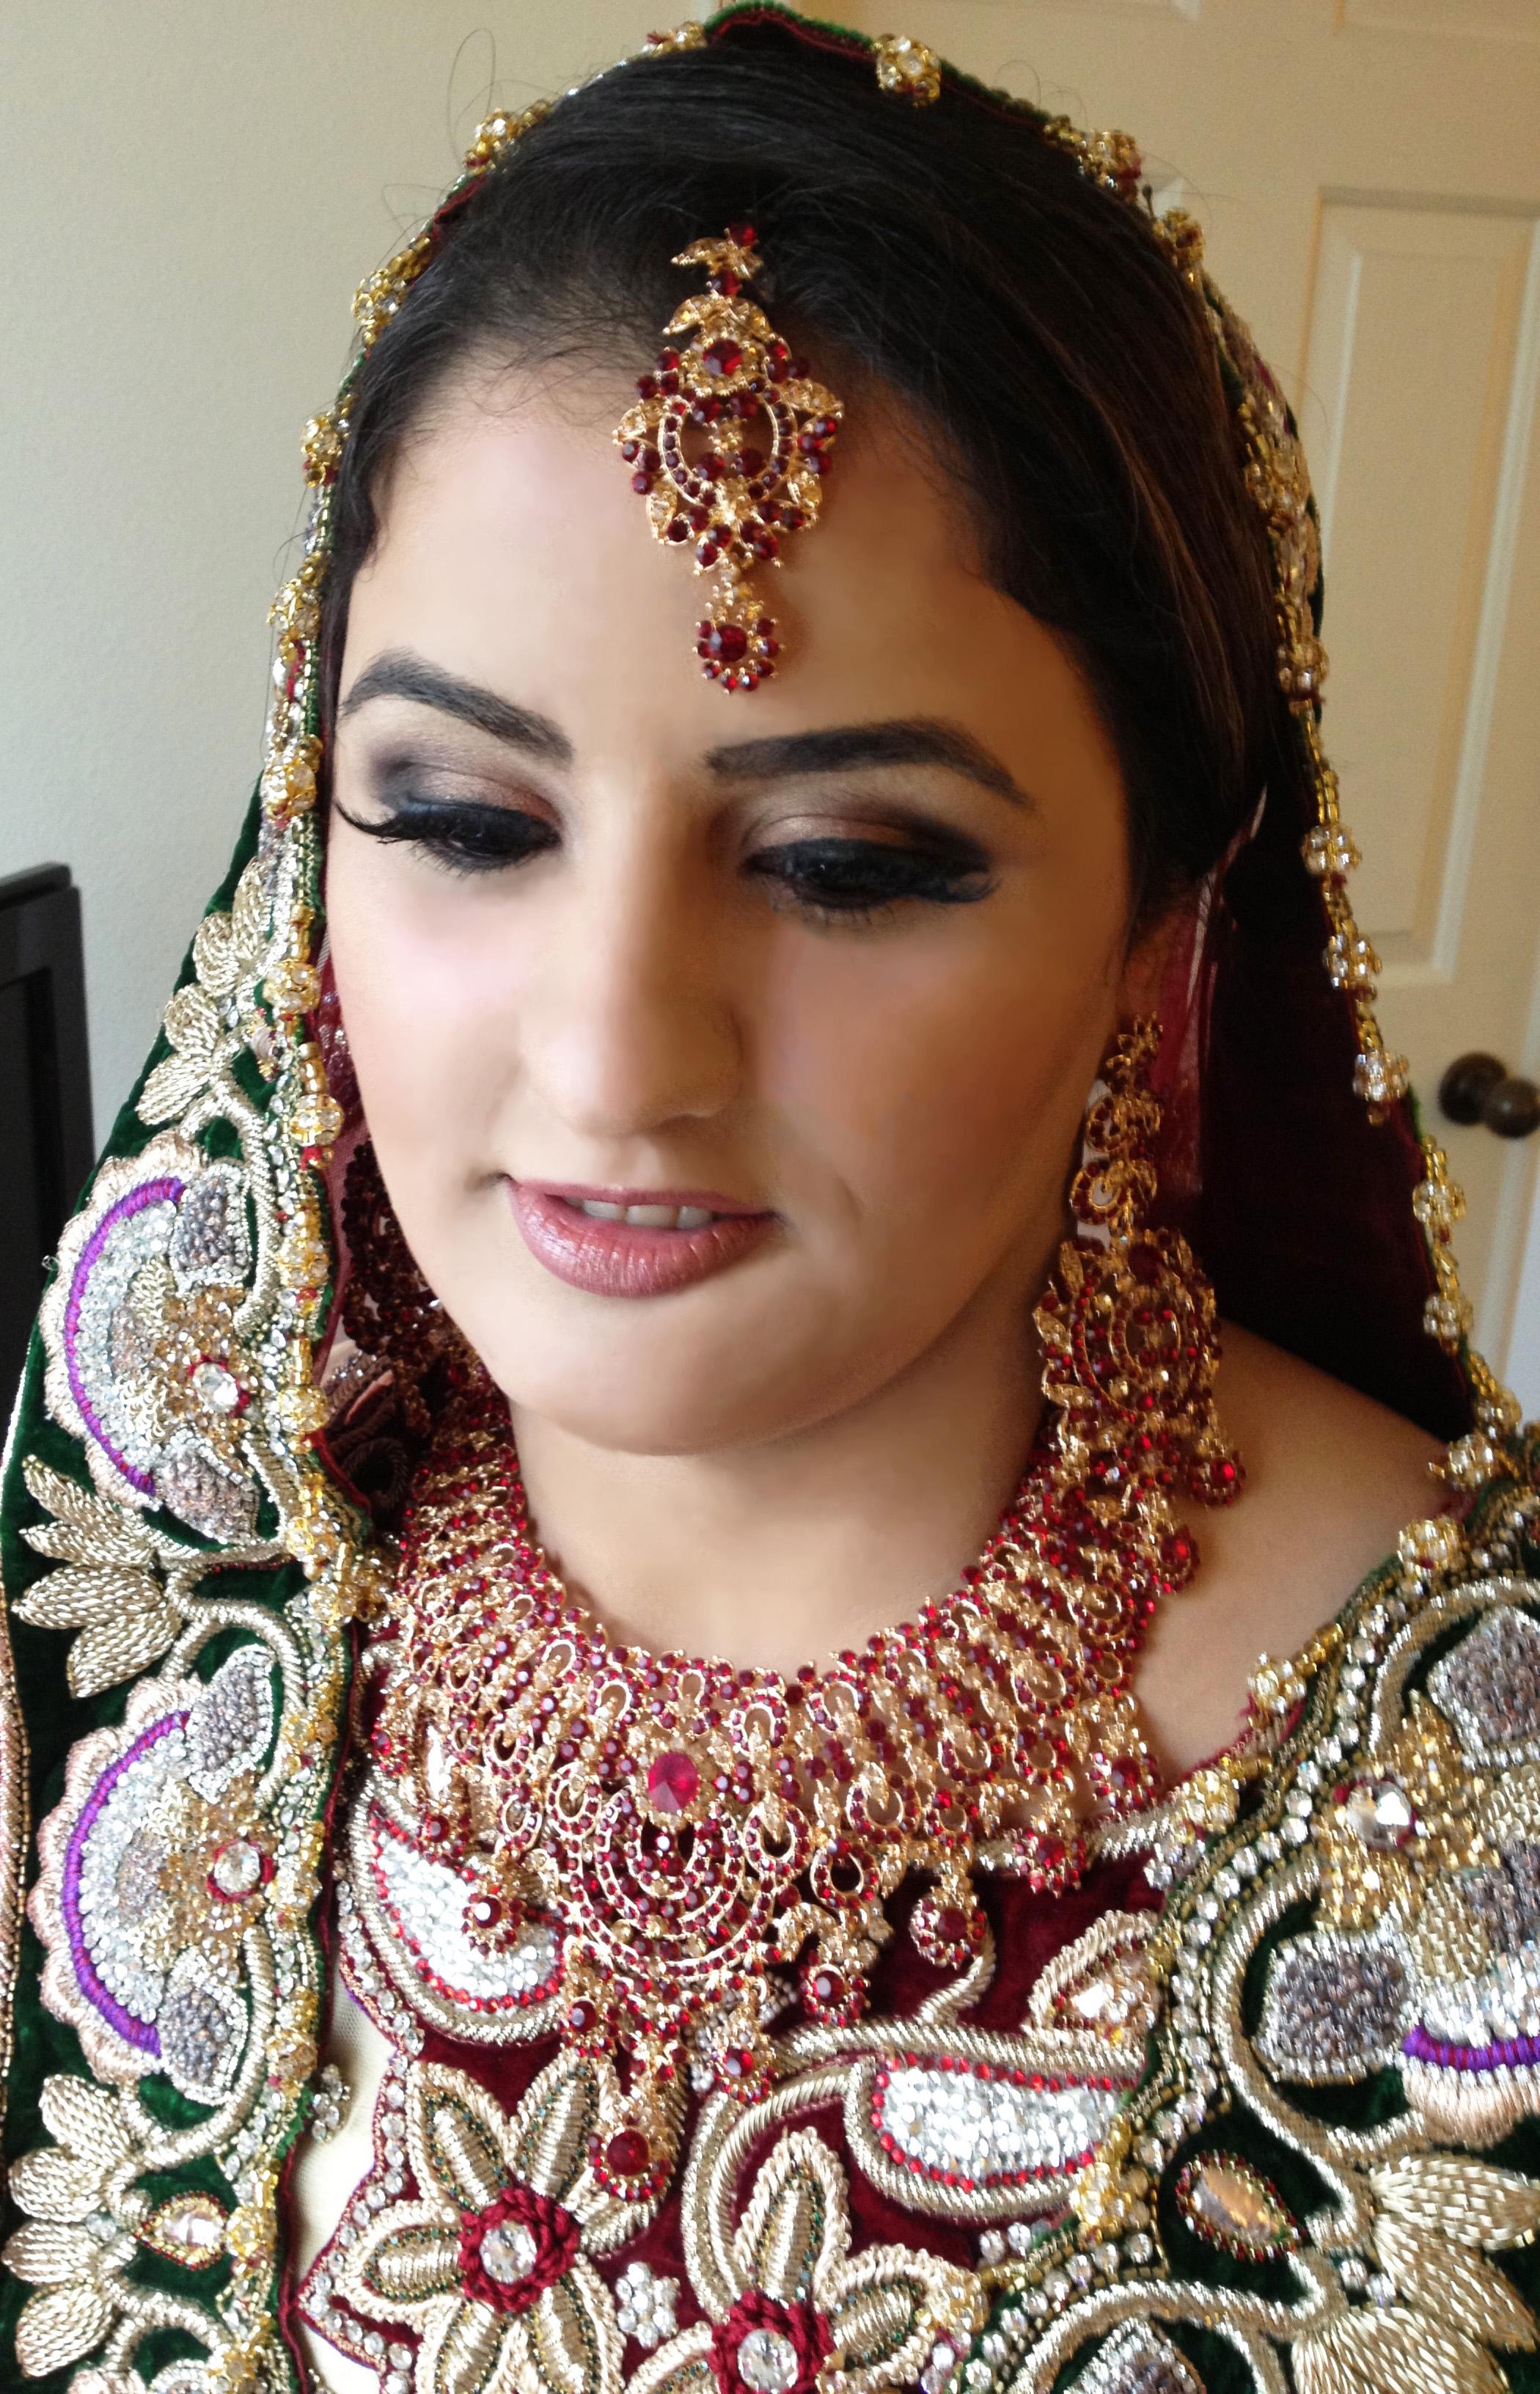 noor-s-bridal-hair-makeup